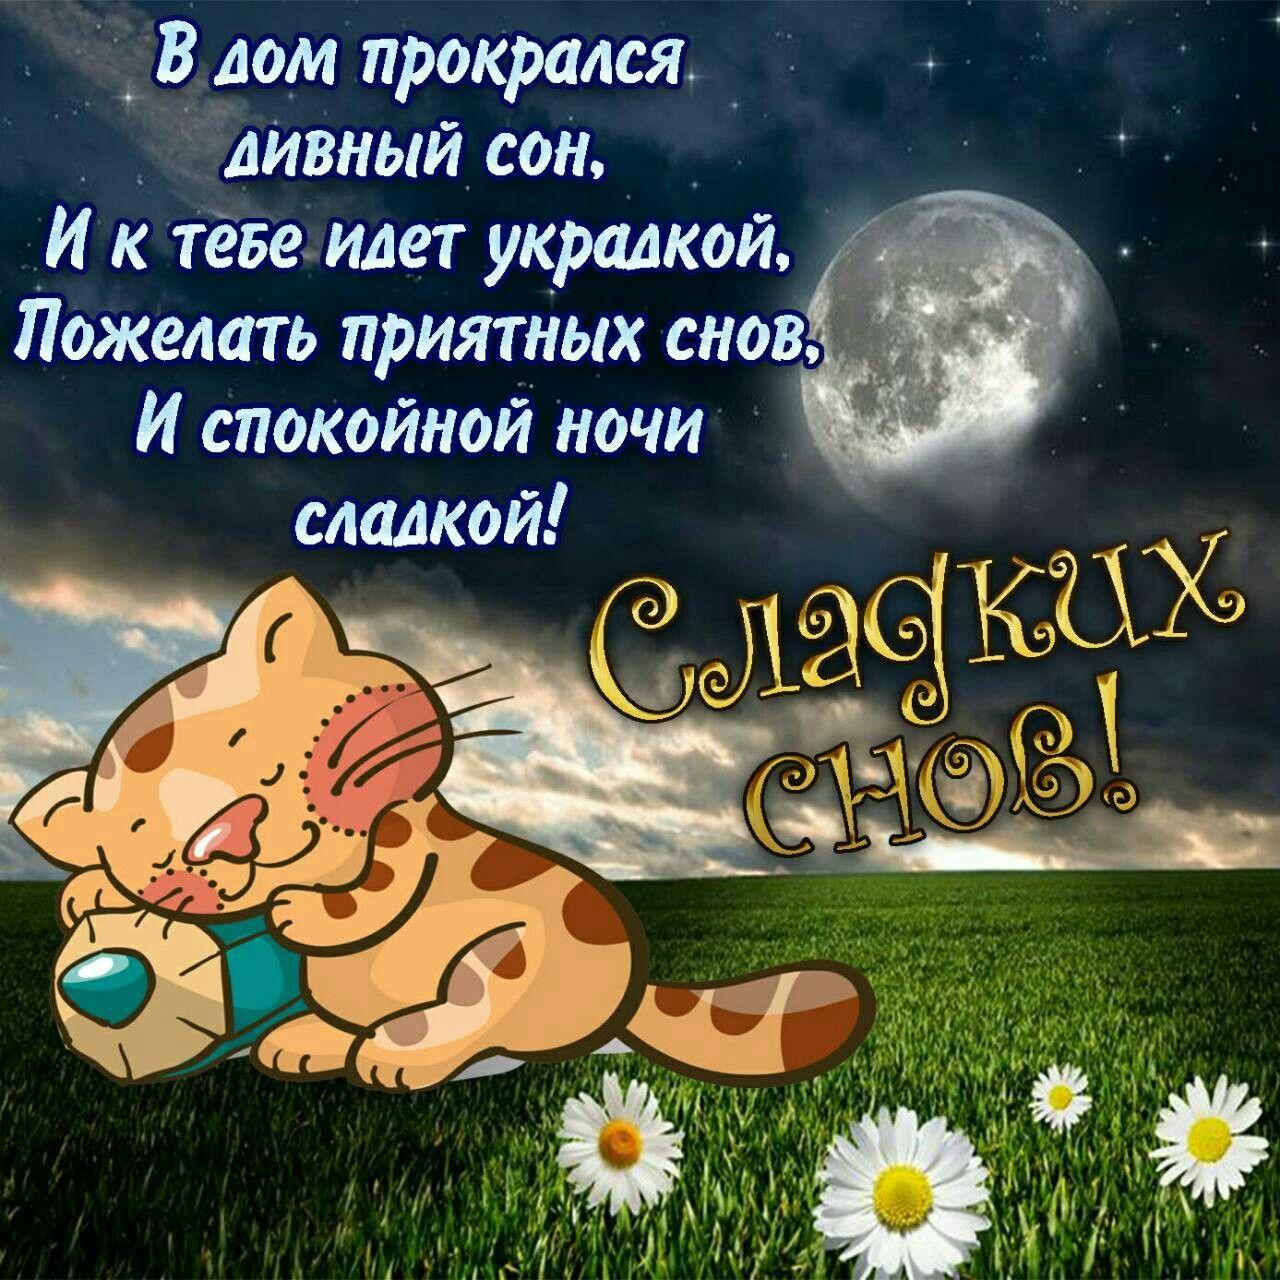 пожелание доброй ночи любимой в прозе построена